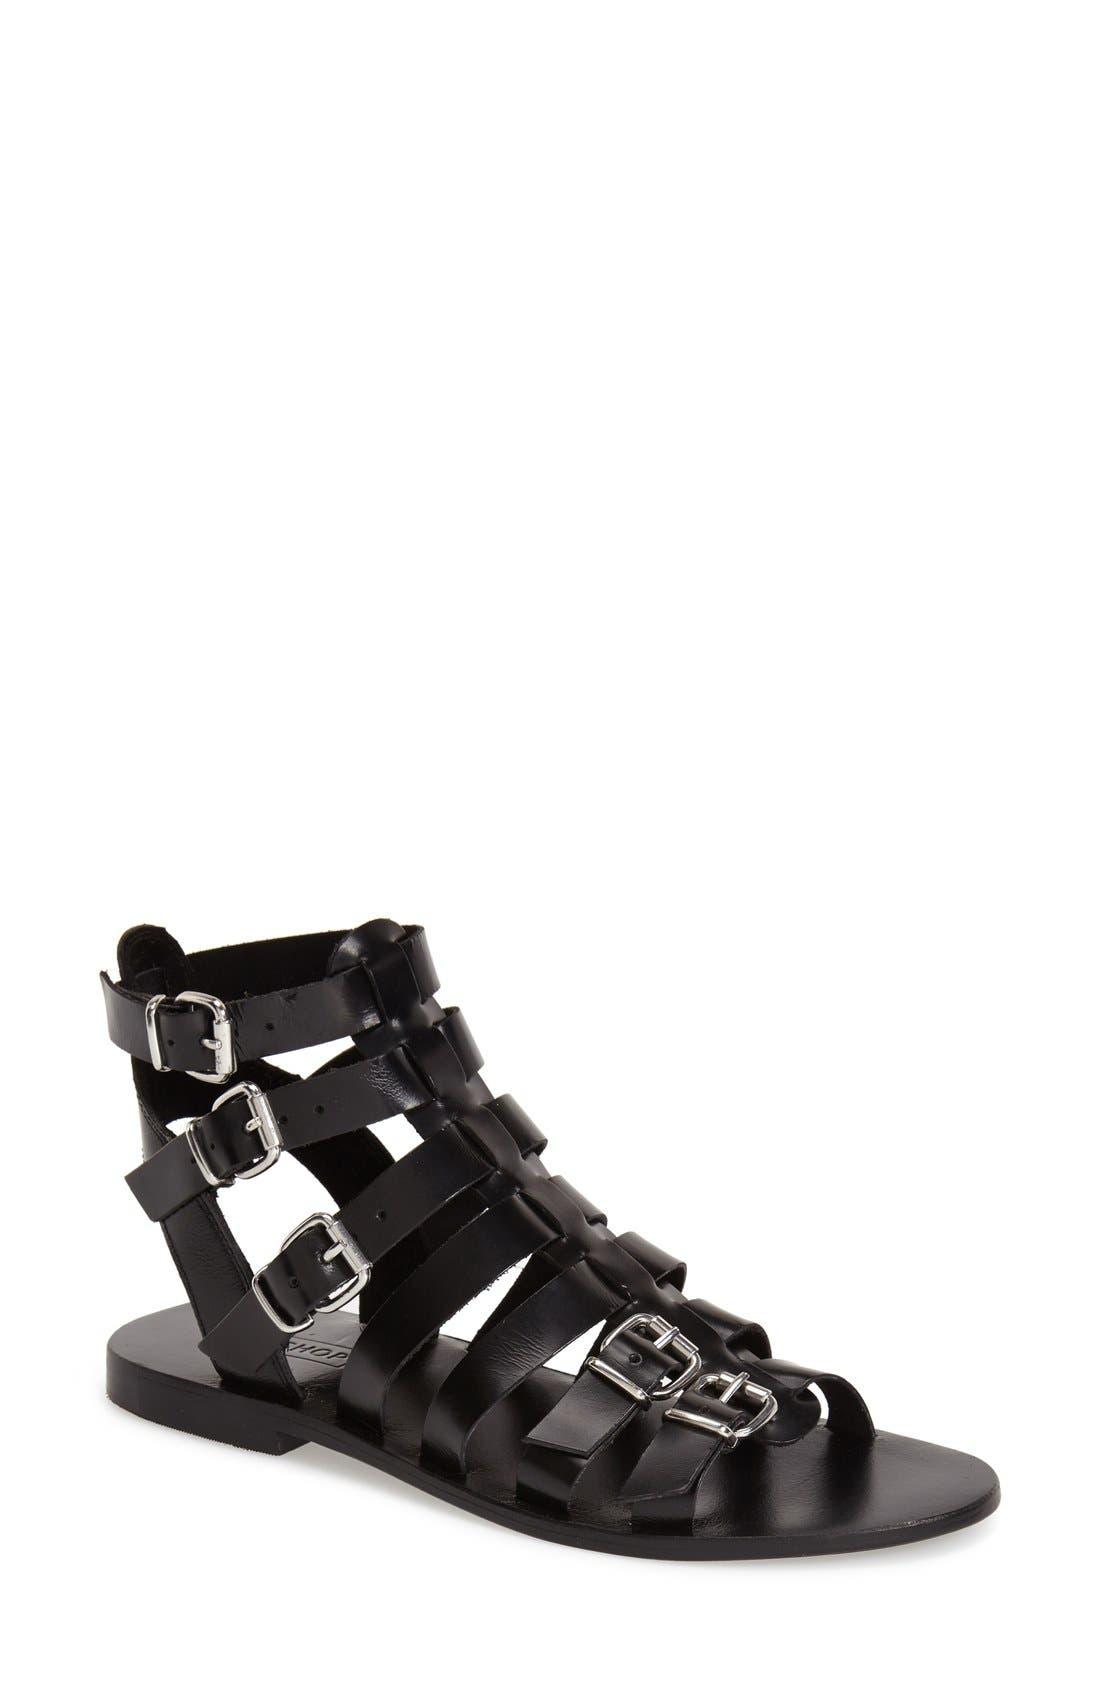 TOPSHOP 'Favorite' Flat Gladiator Sandal